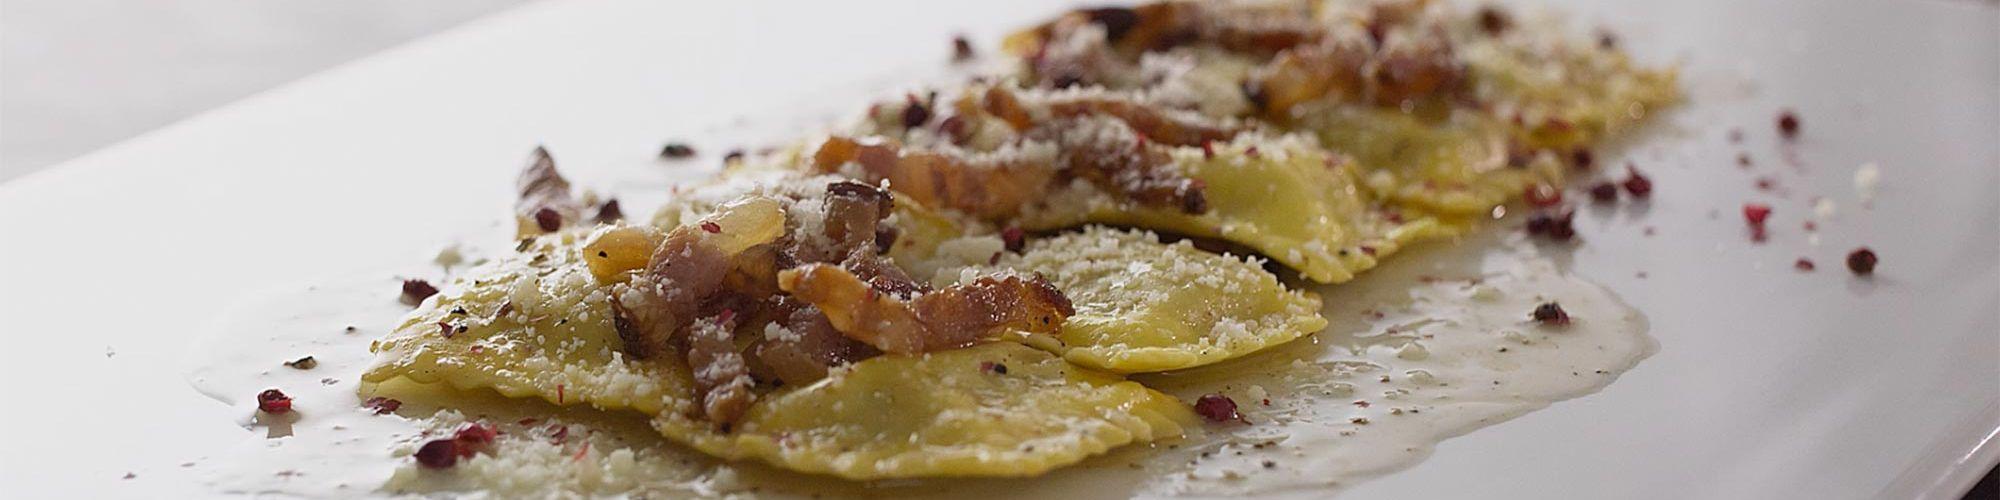 ricetta Tortelli alla zucca con salsa alla gricia e pepe rosa con pasta fresca